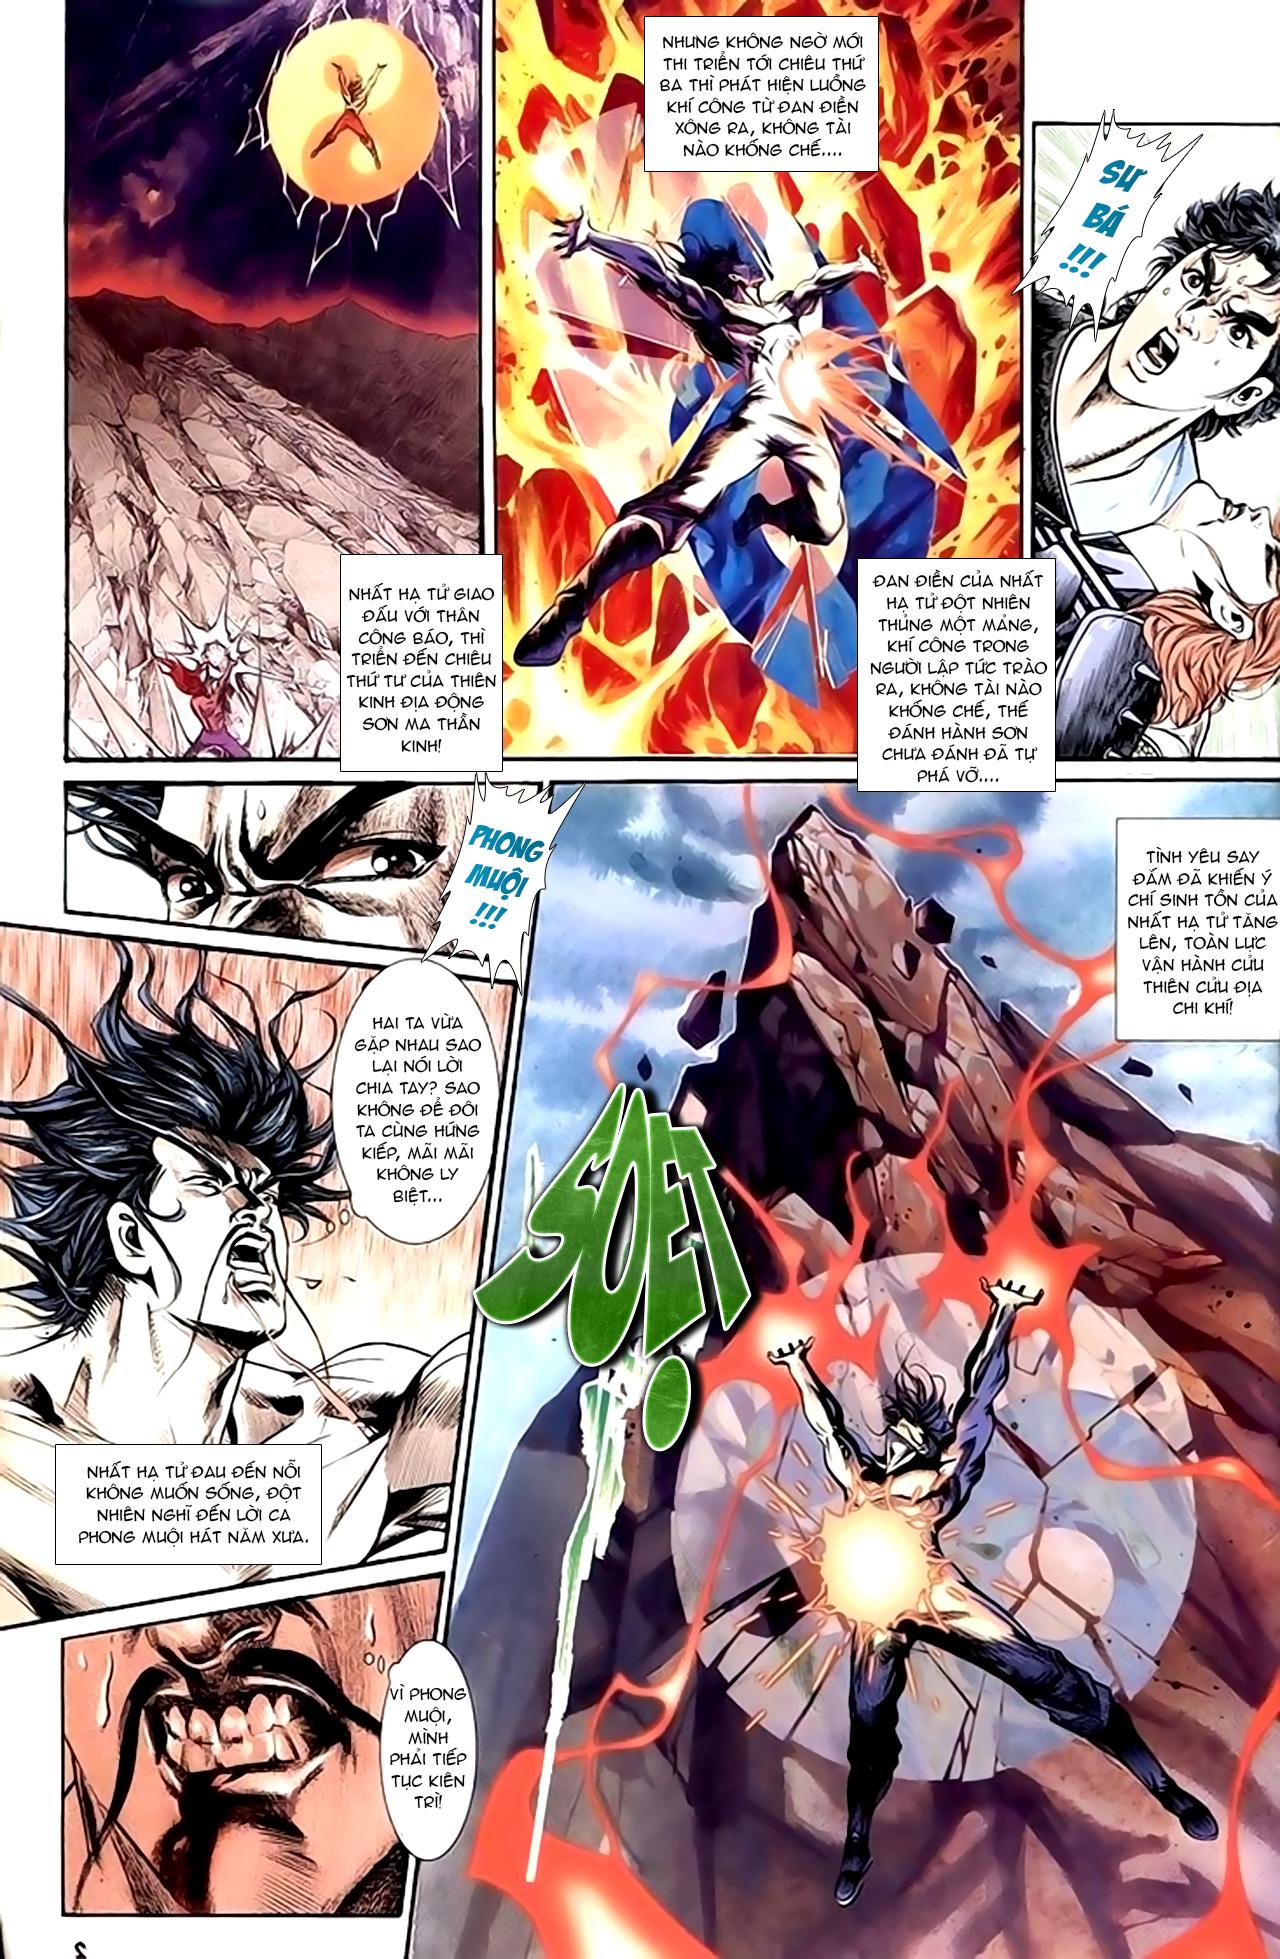 Cơ Phát Khai Chu Bản chapter 159 trang 3